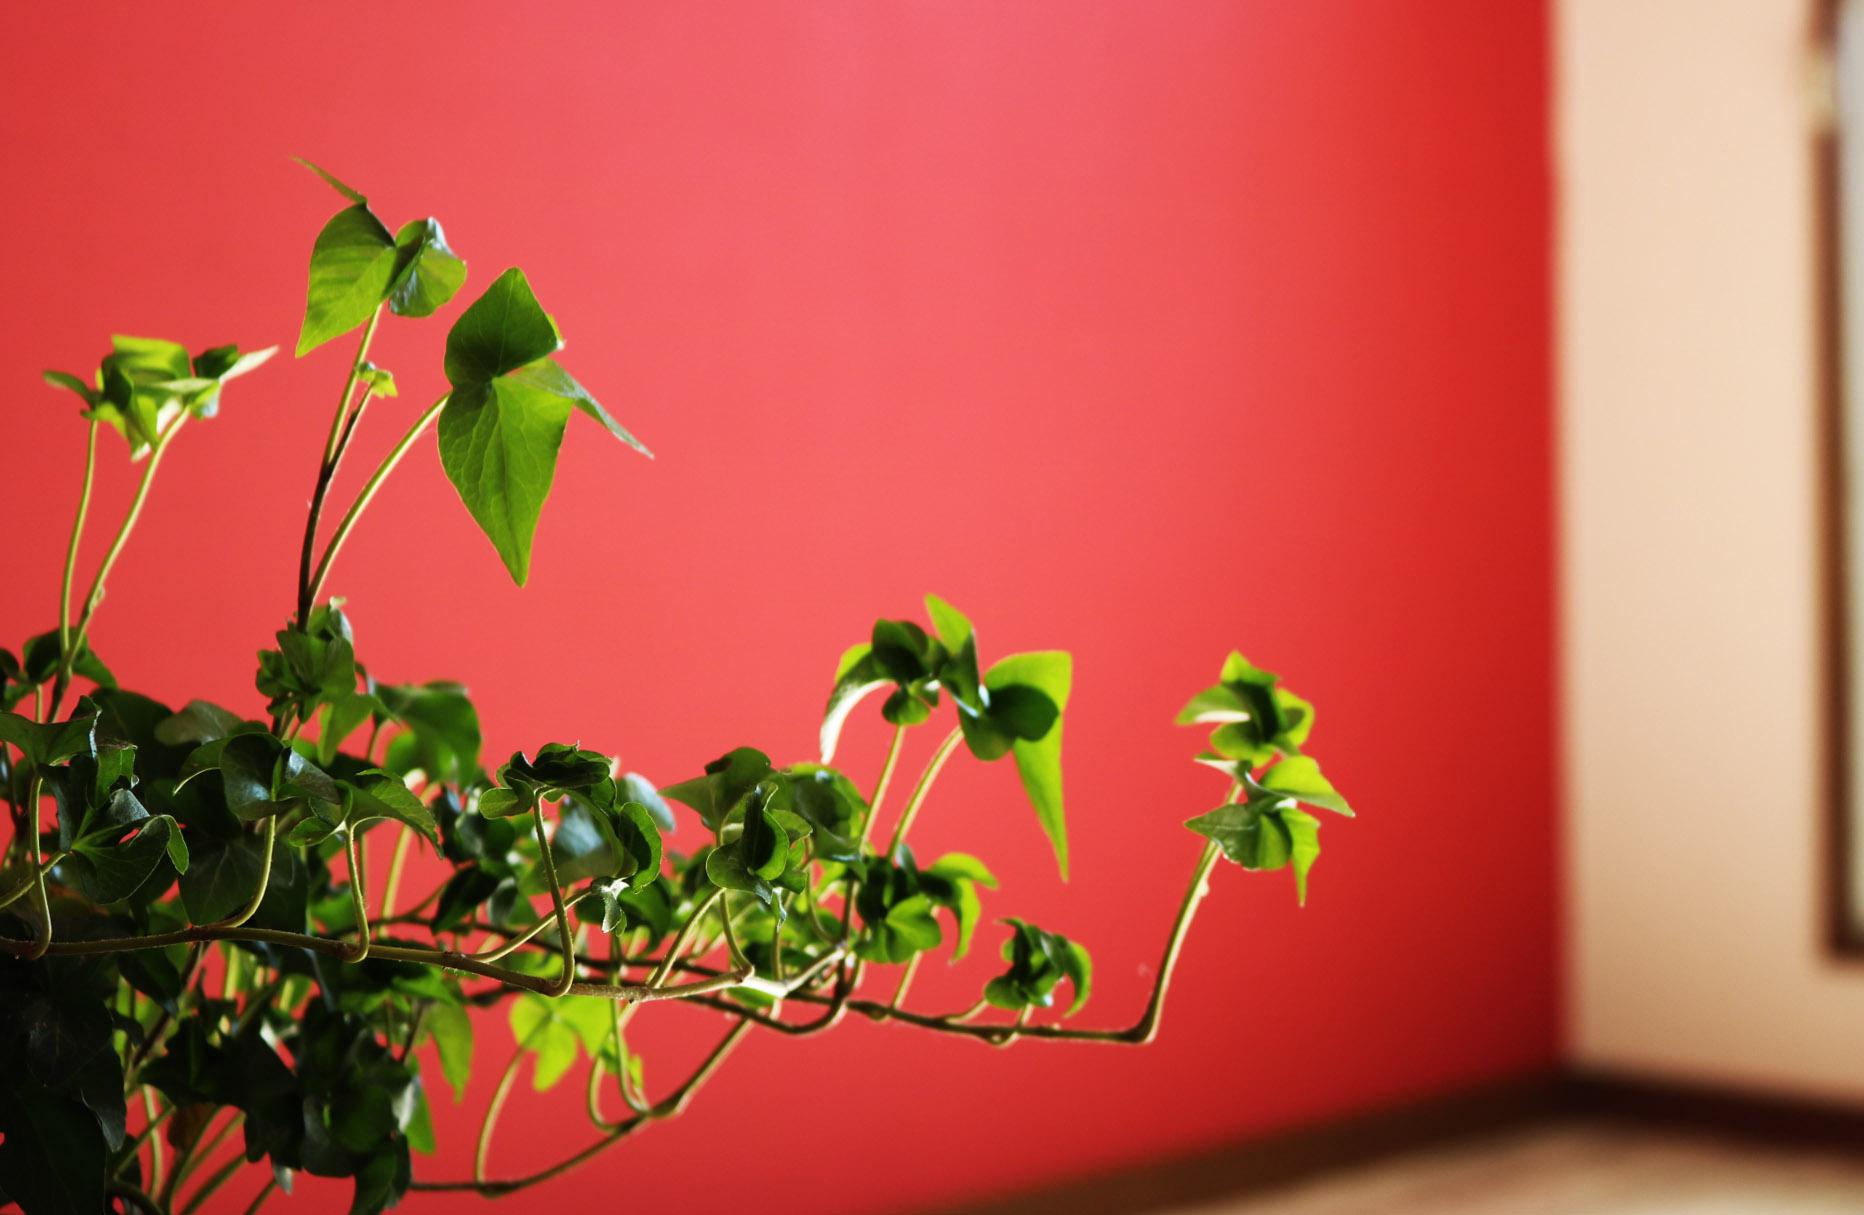 【成約済】目の覚めるような赤の部屋 #405